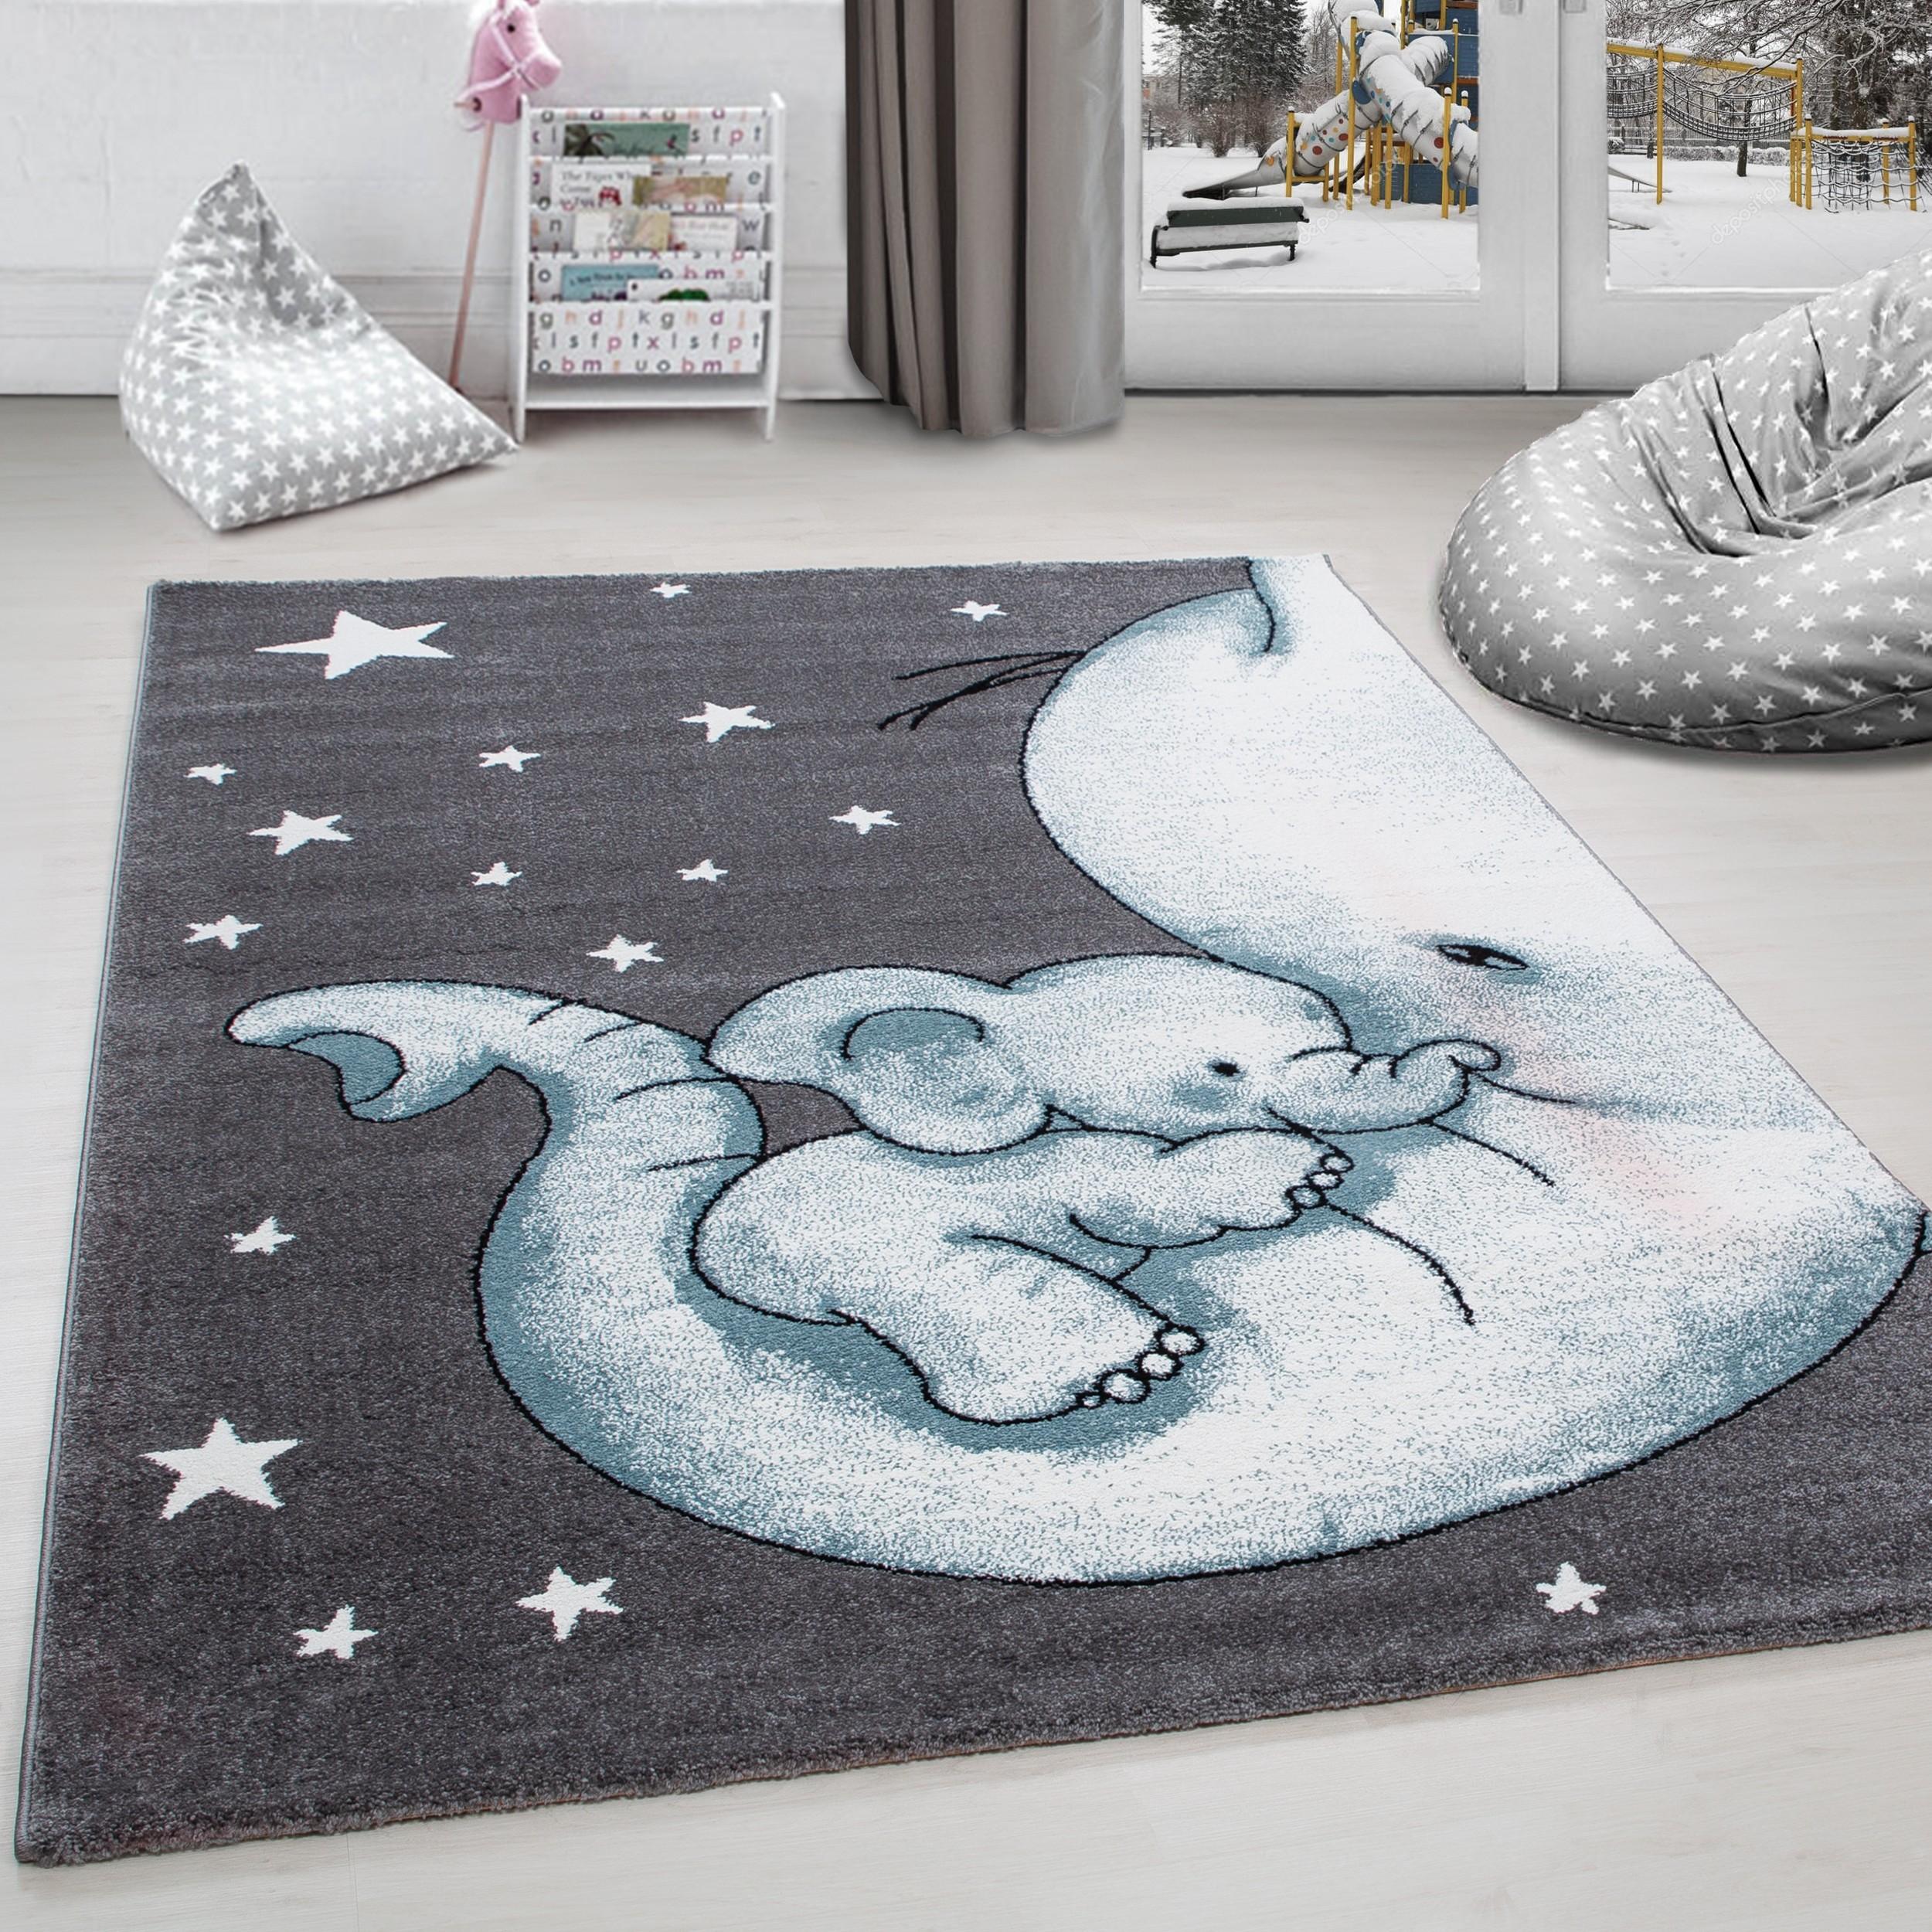 Full Size of Kinderteppich Kinderzimmer Teppich Niedlicher Elefantenbaby Stern Regale Regal Weiß Sofa Wohnzimmer Teppiche Kinderzimmer Teppiche Kinderzimmer